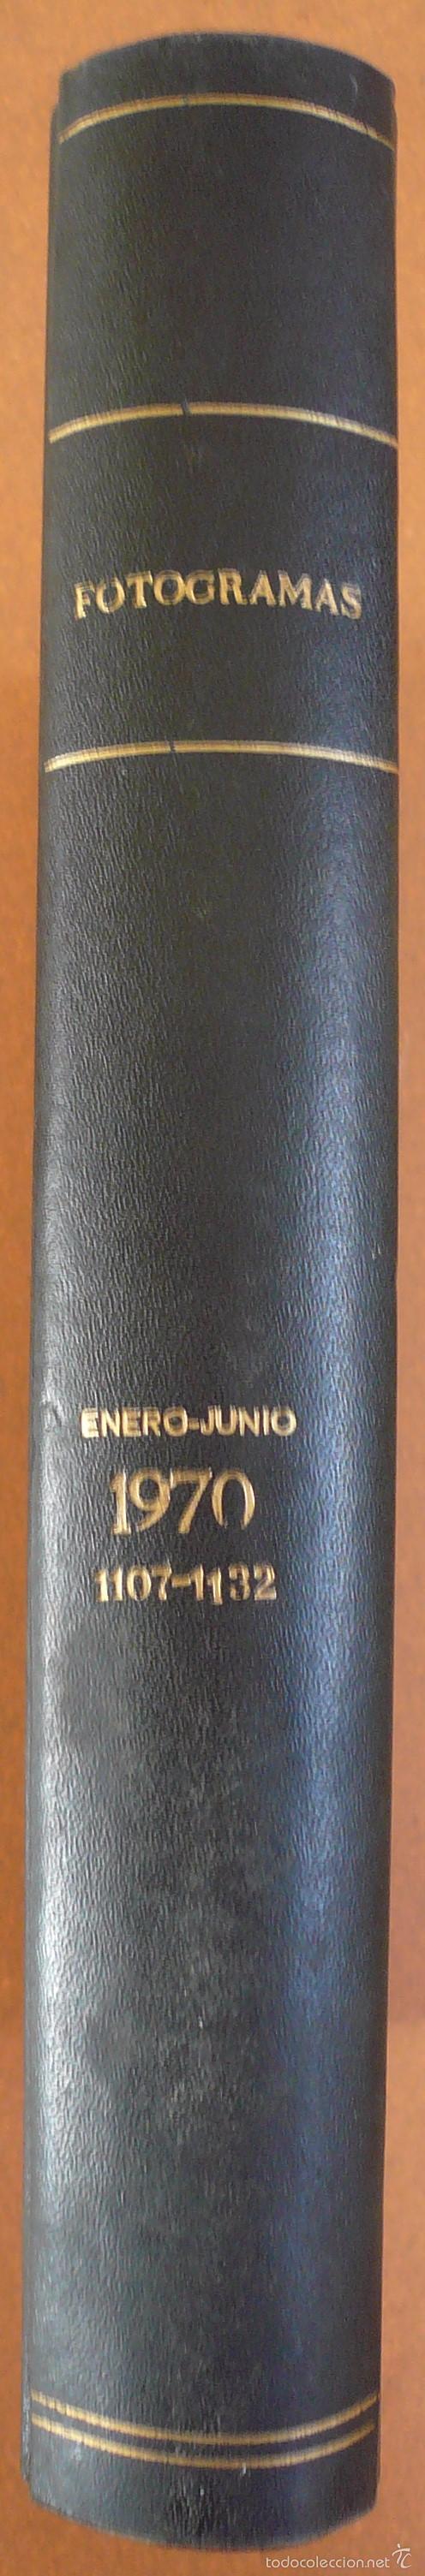 Cine: FOTOGRAMAS ENERO - JUNIO 1970 DEL Nº 1107 AL Nº 1132 CONTIENE Nº ESPECIAL BEATLES - Foto 2 - 55570880